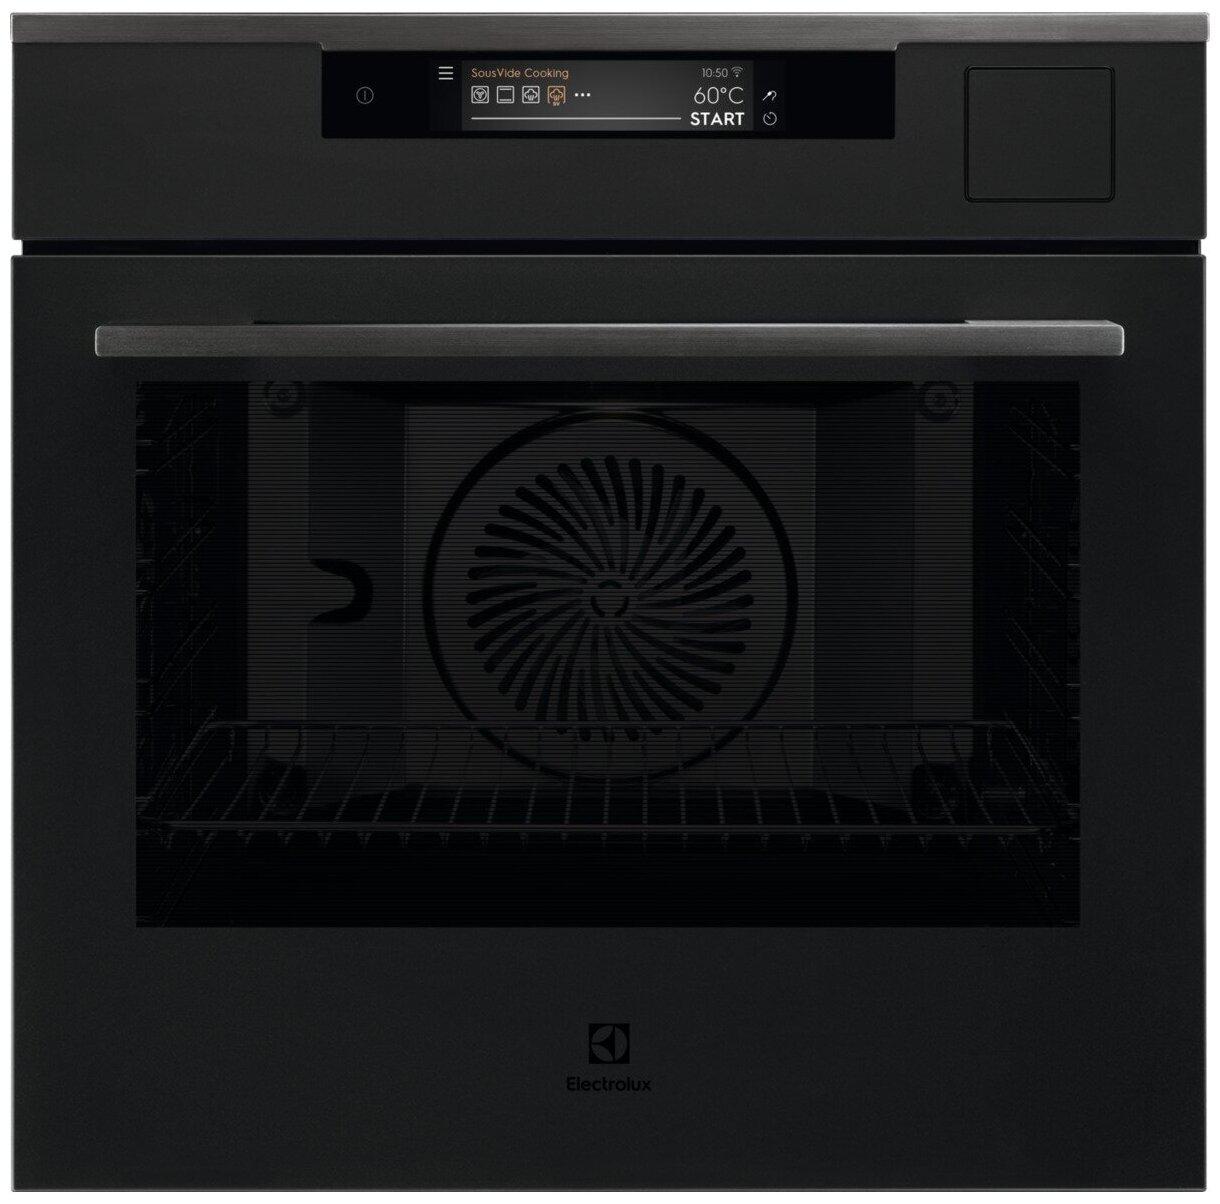 Духовой шкаф Electrolux KOAAS31WT черный